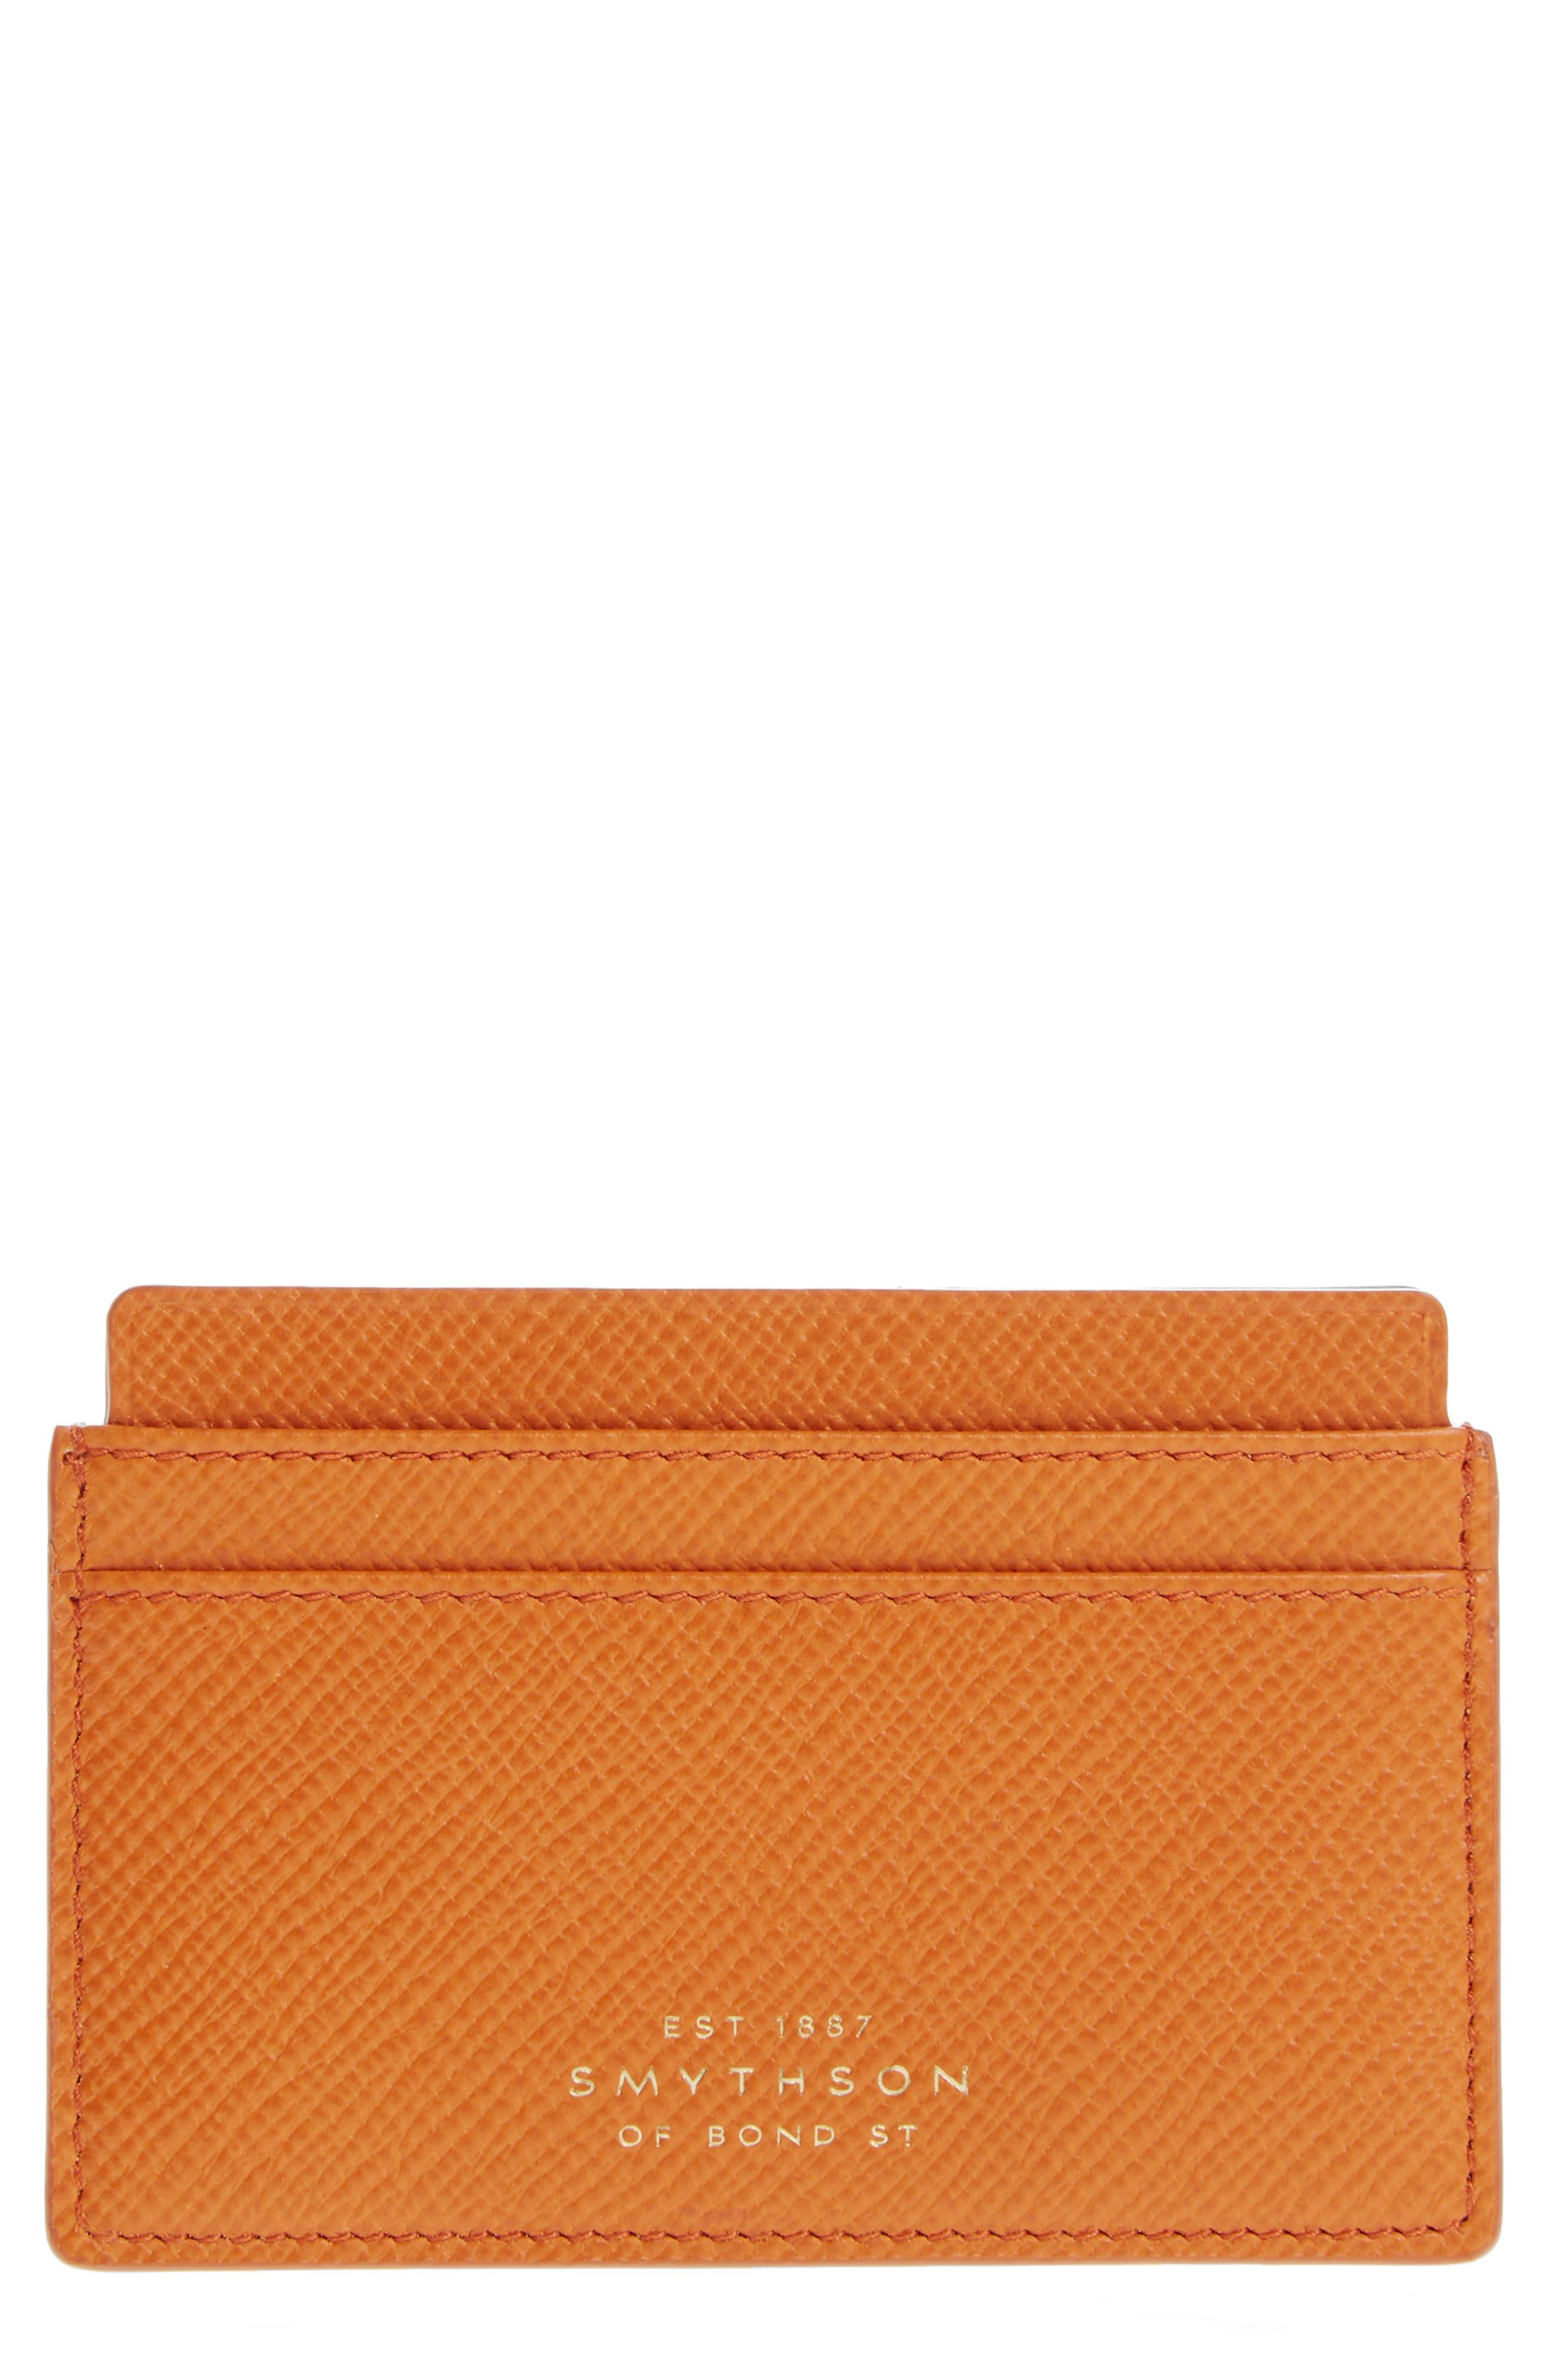 Smythson Panama Leather Card Case